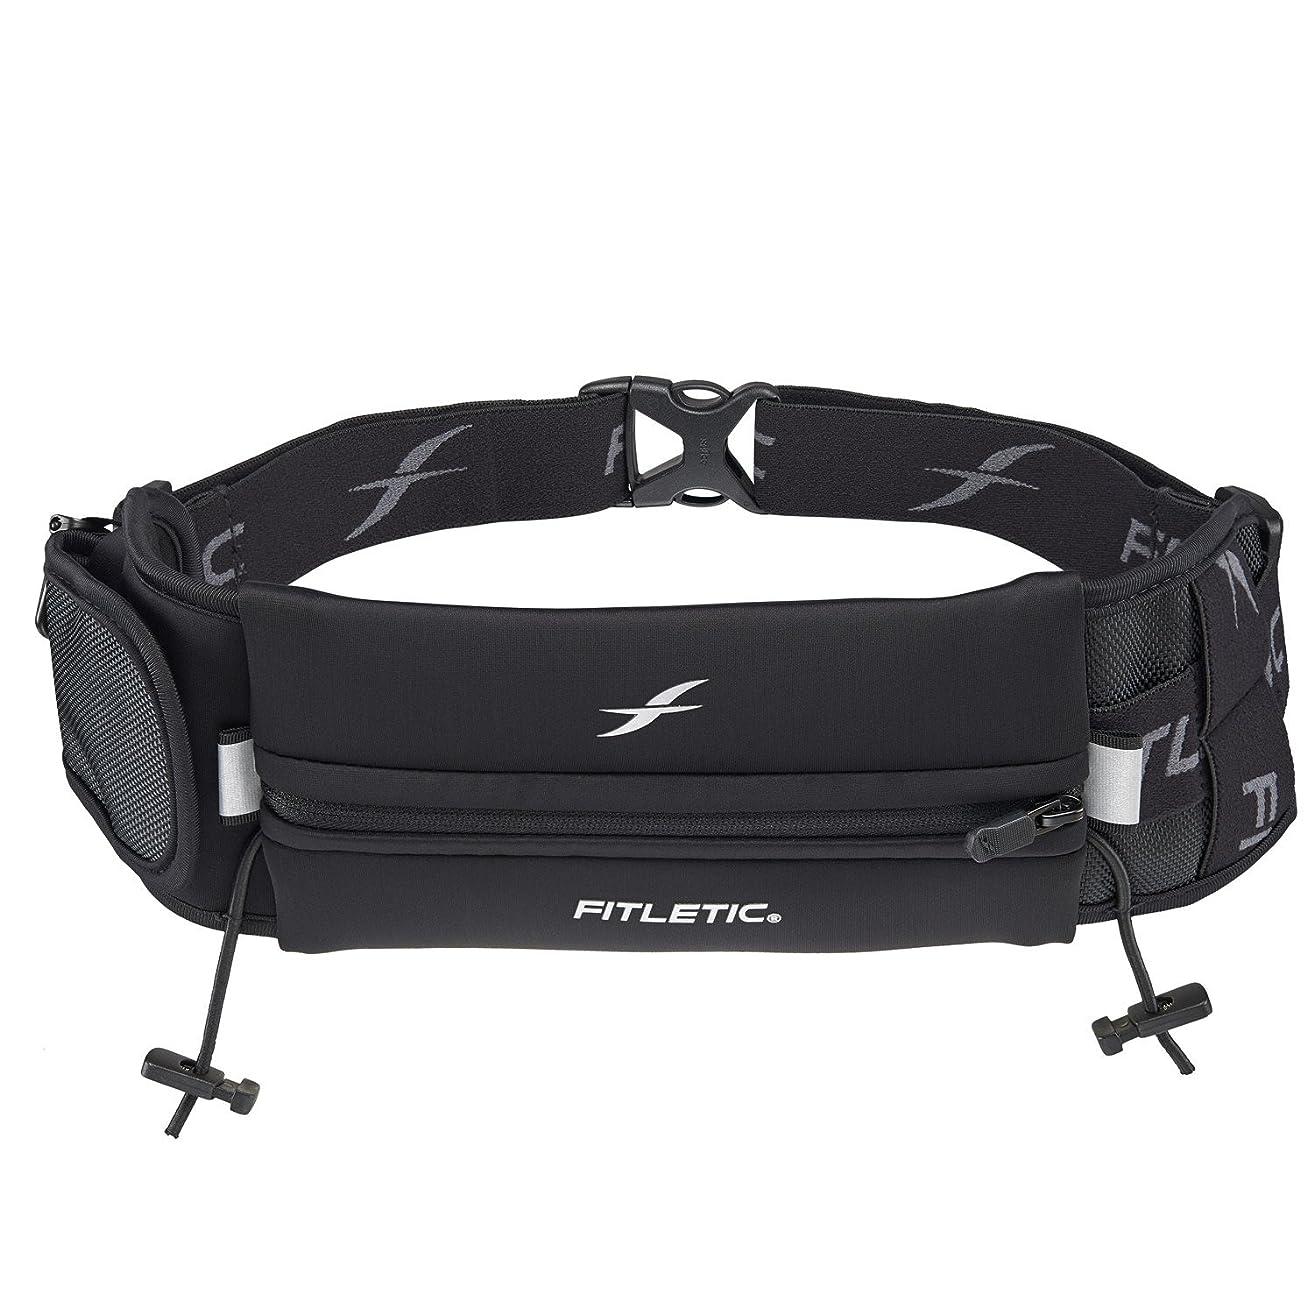 Fitletic Running Belt - Ultimate II Race Belt